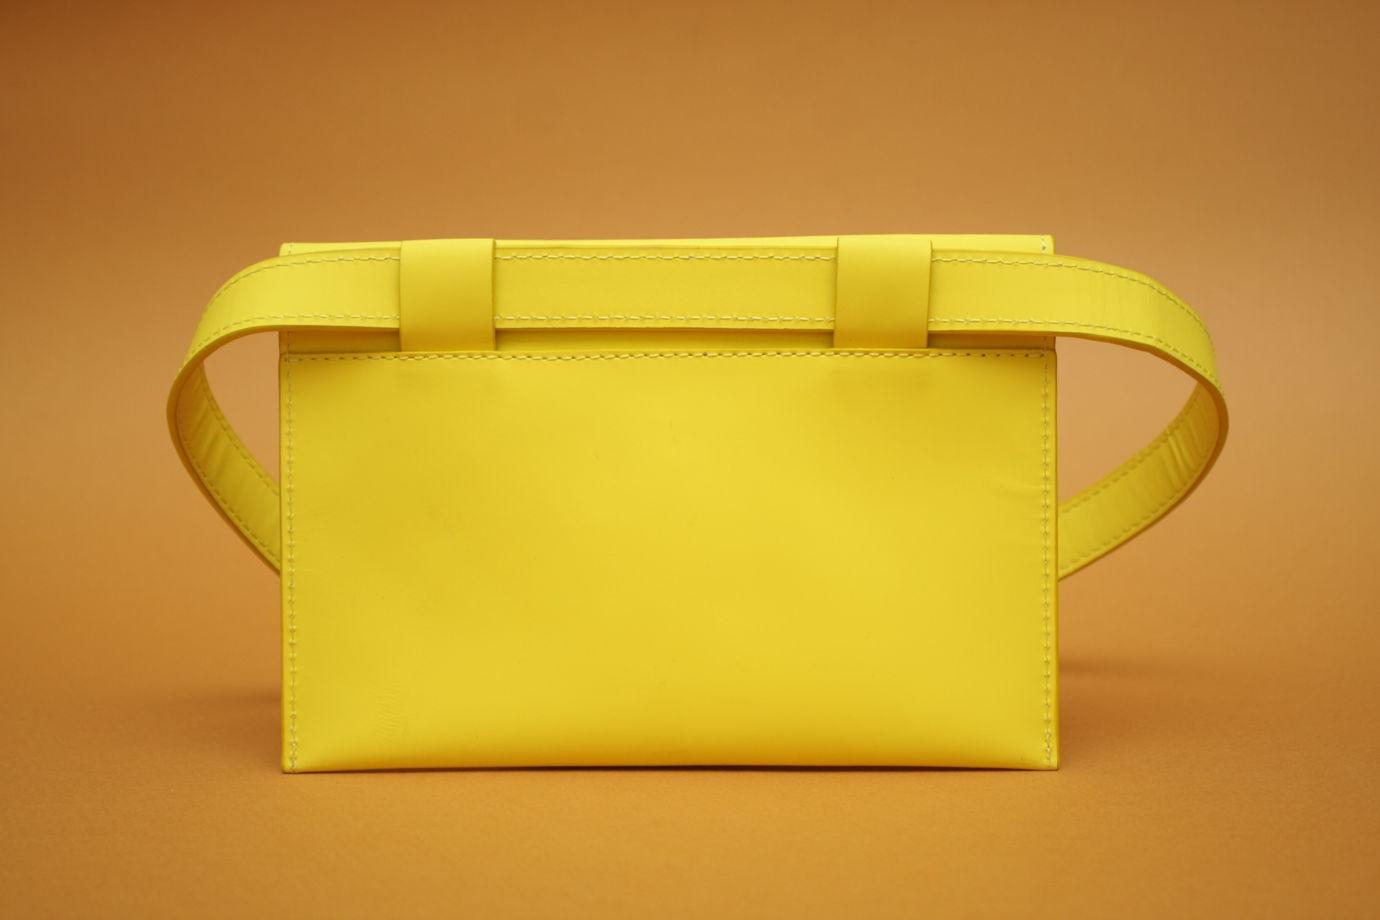 Желтая кожаная поясная сумка конверт.